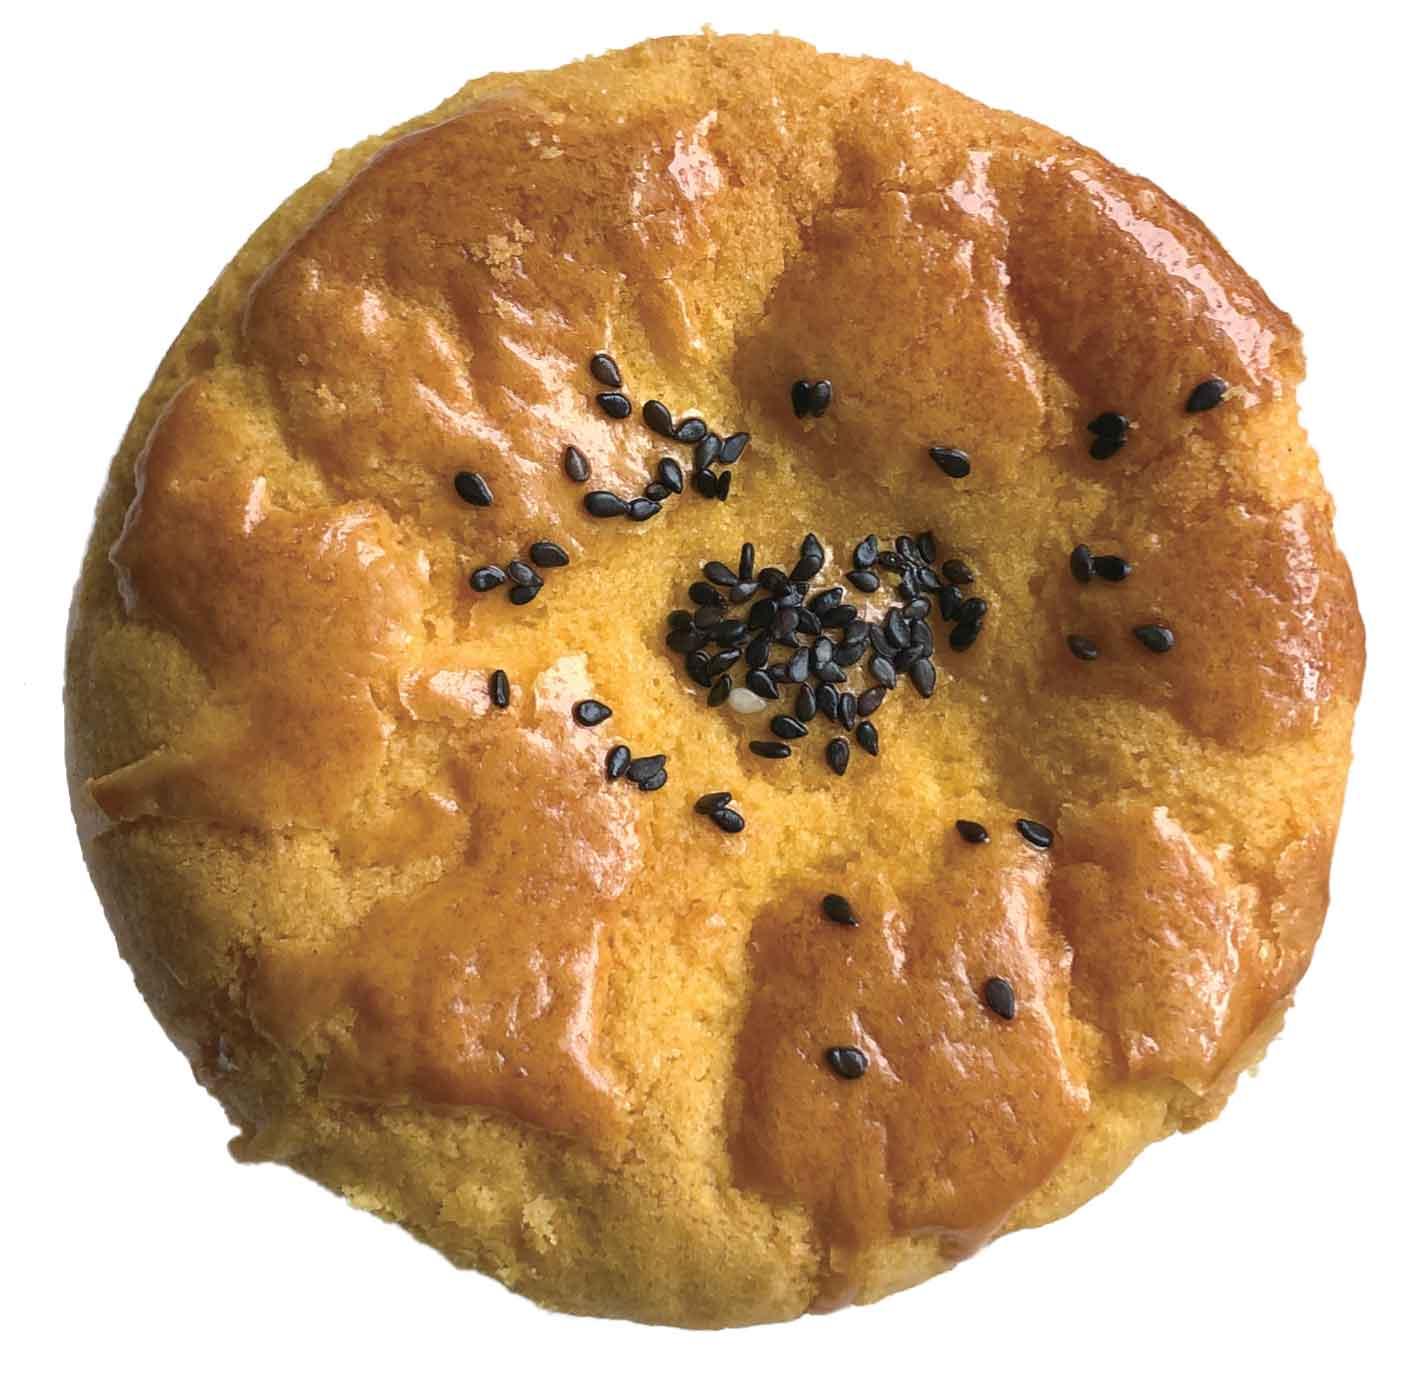 iBAKE's Pineapple Pork Bread